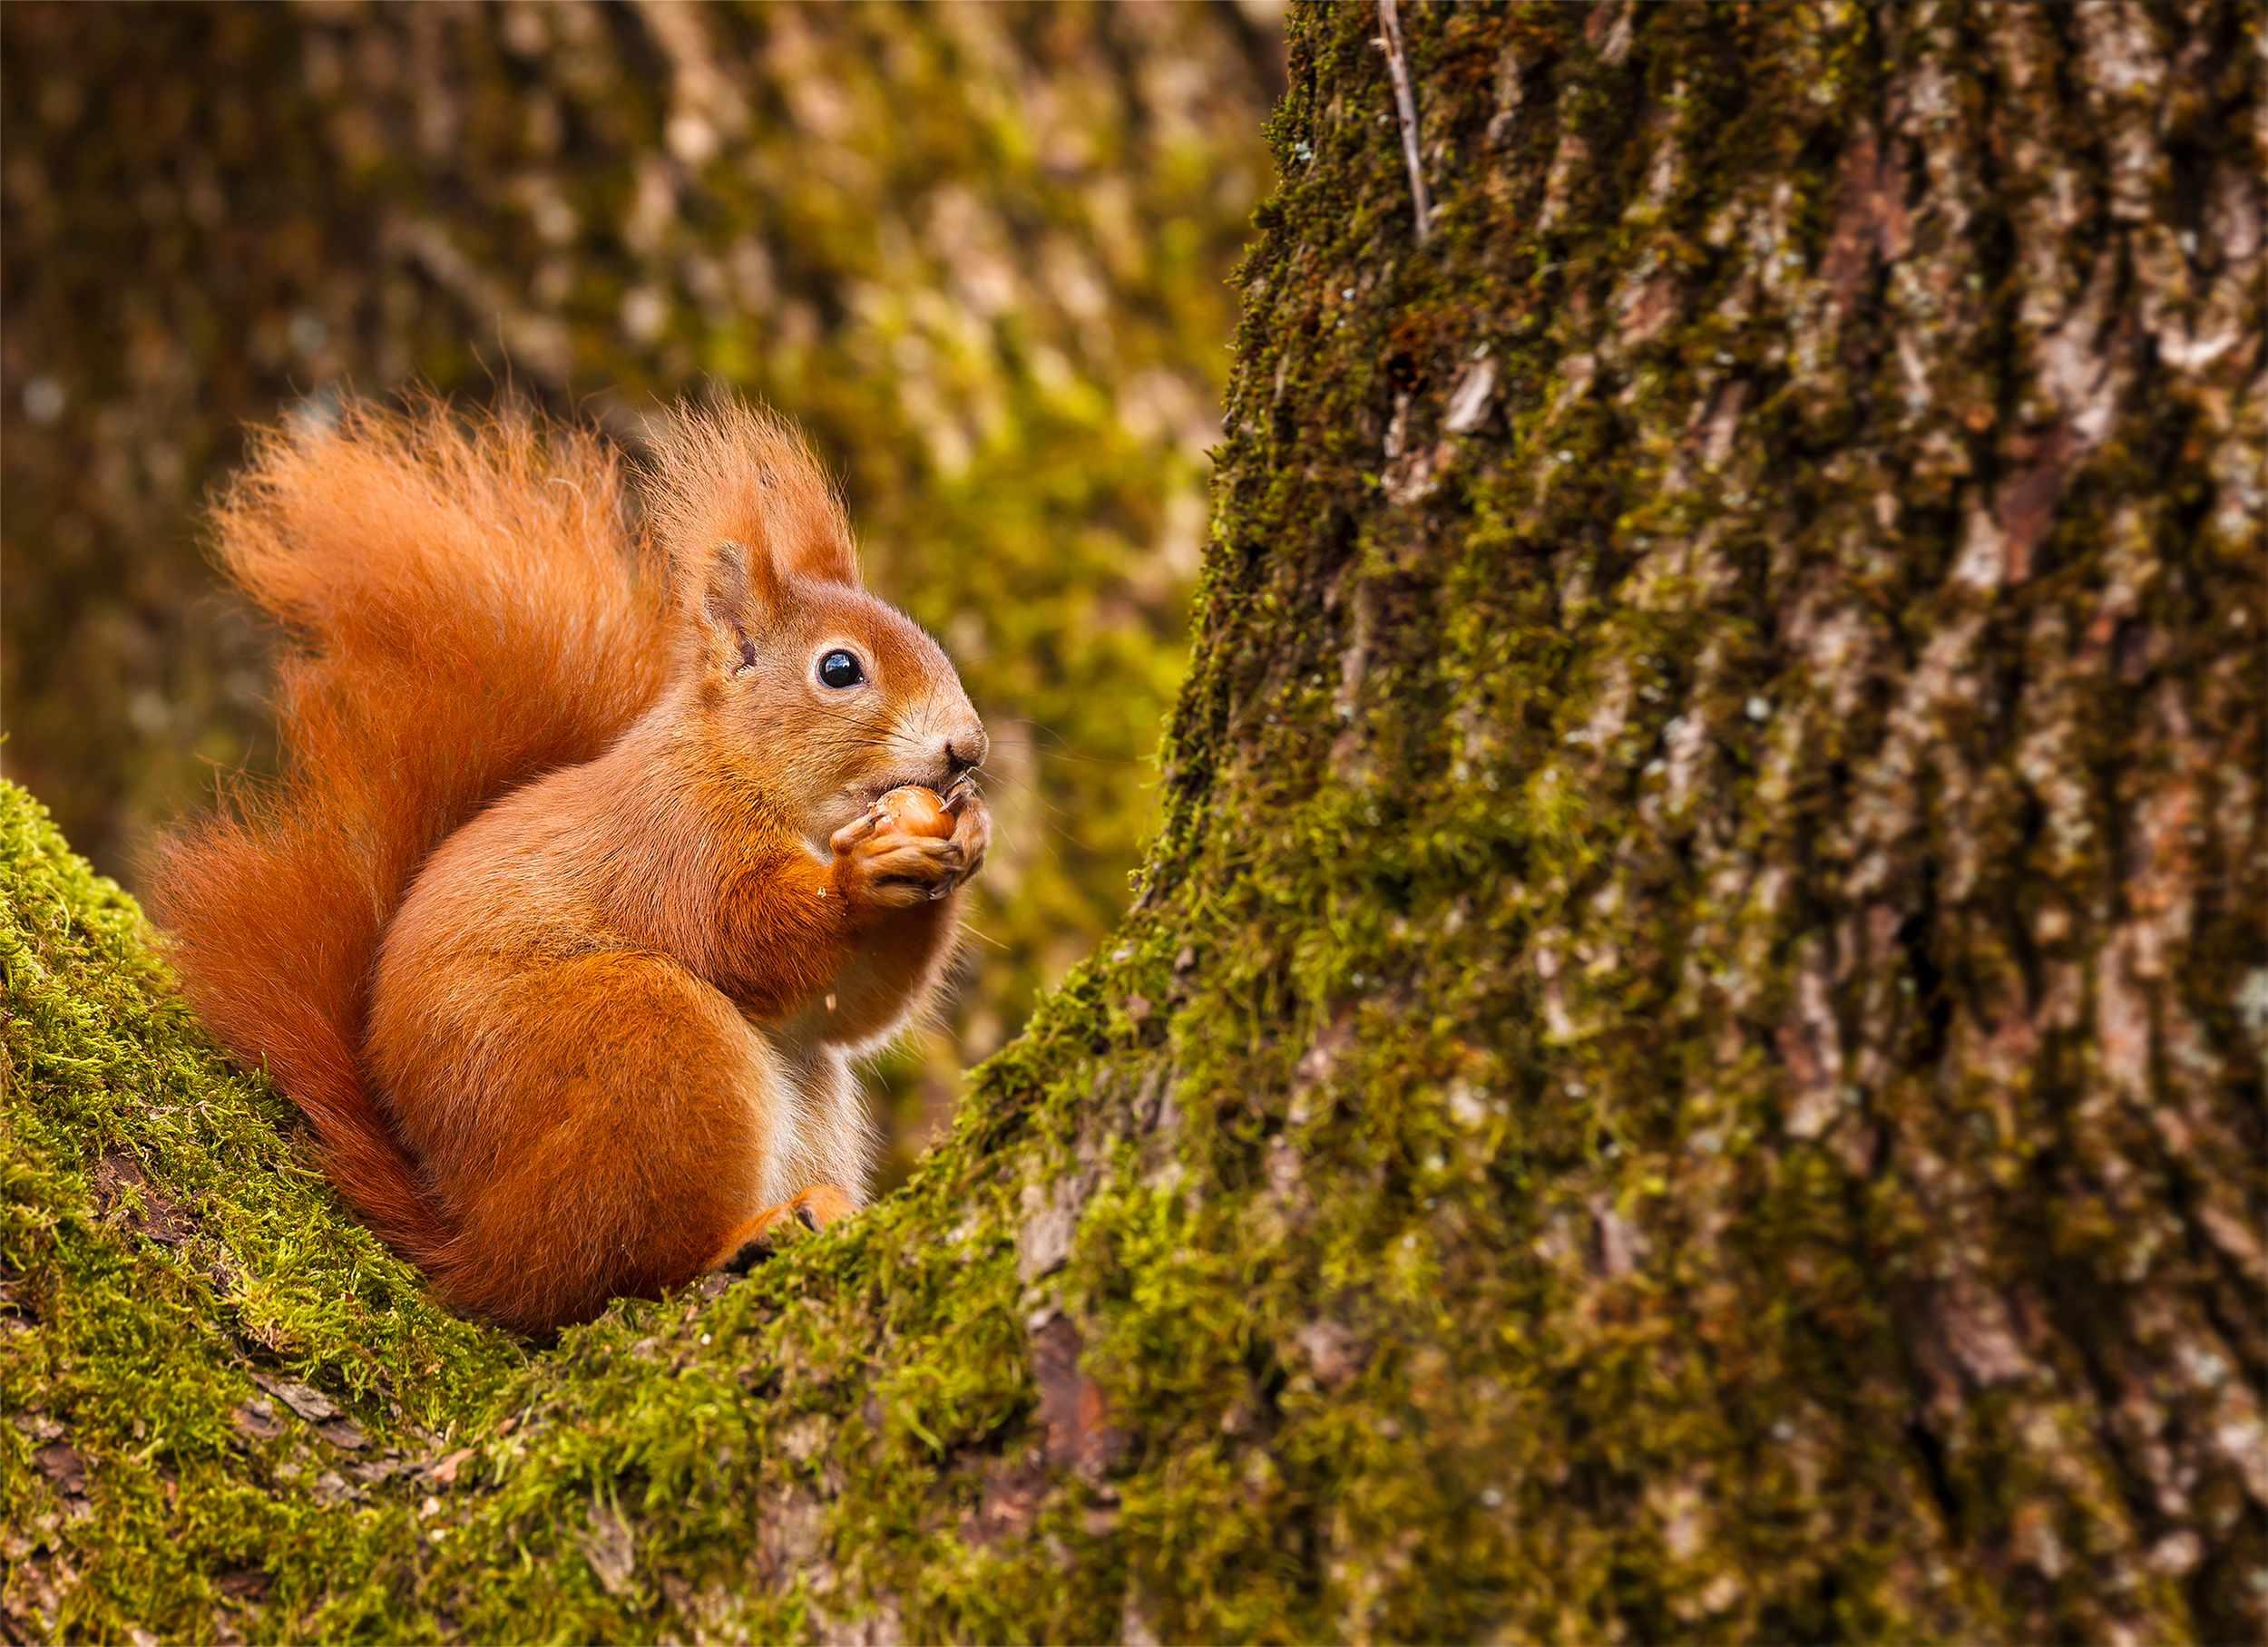 Red squirrel munching on a hazel nut © Neil Burton / Getty